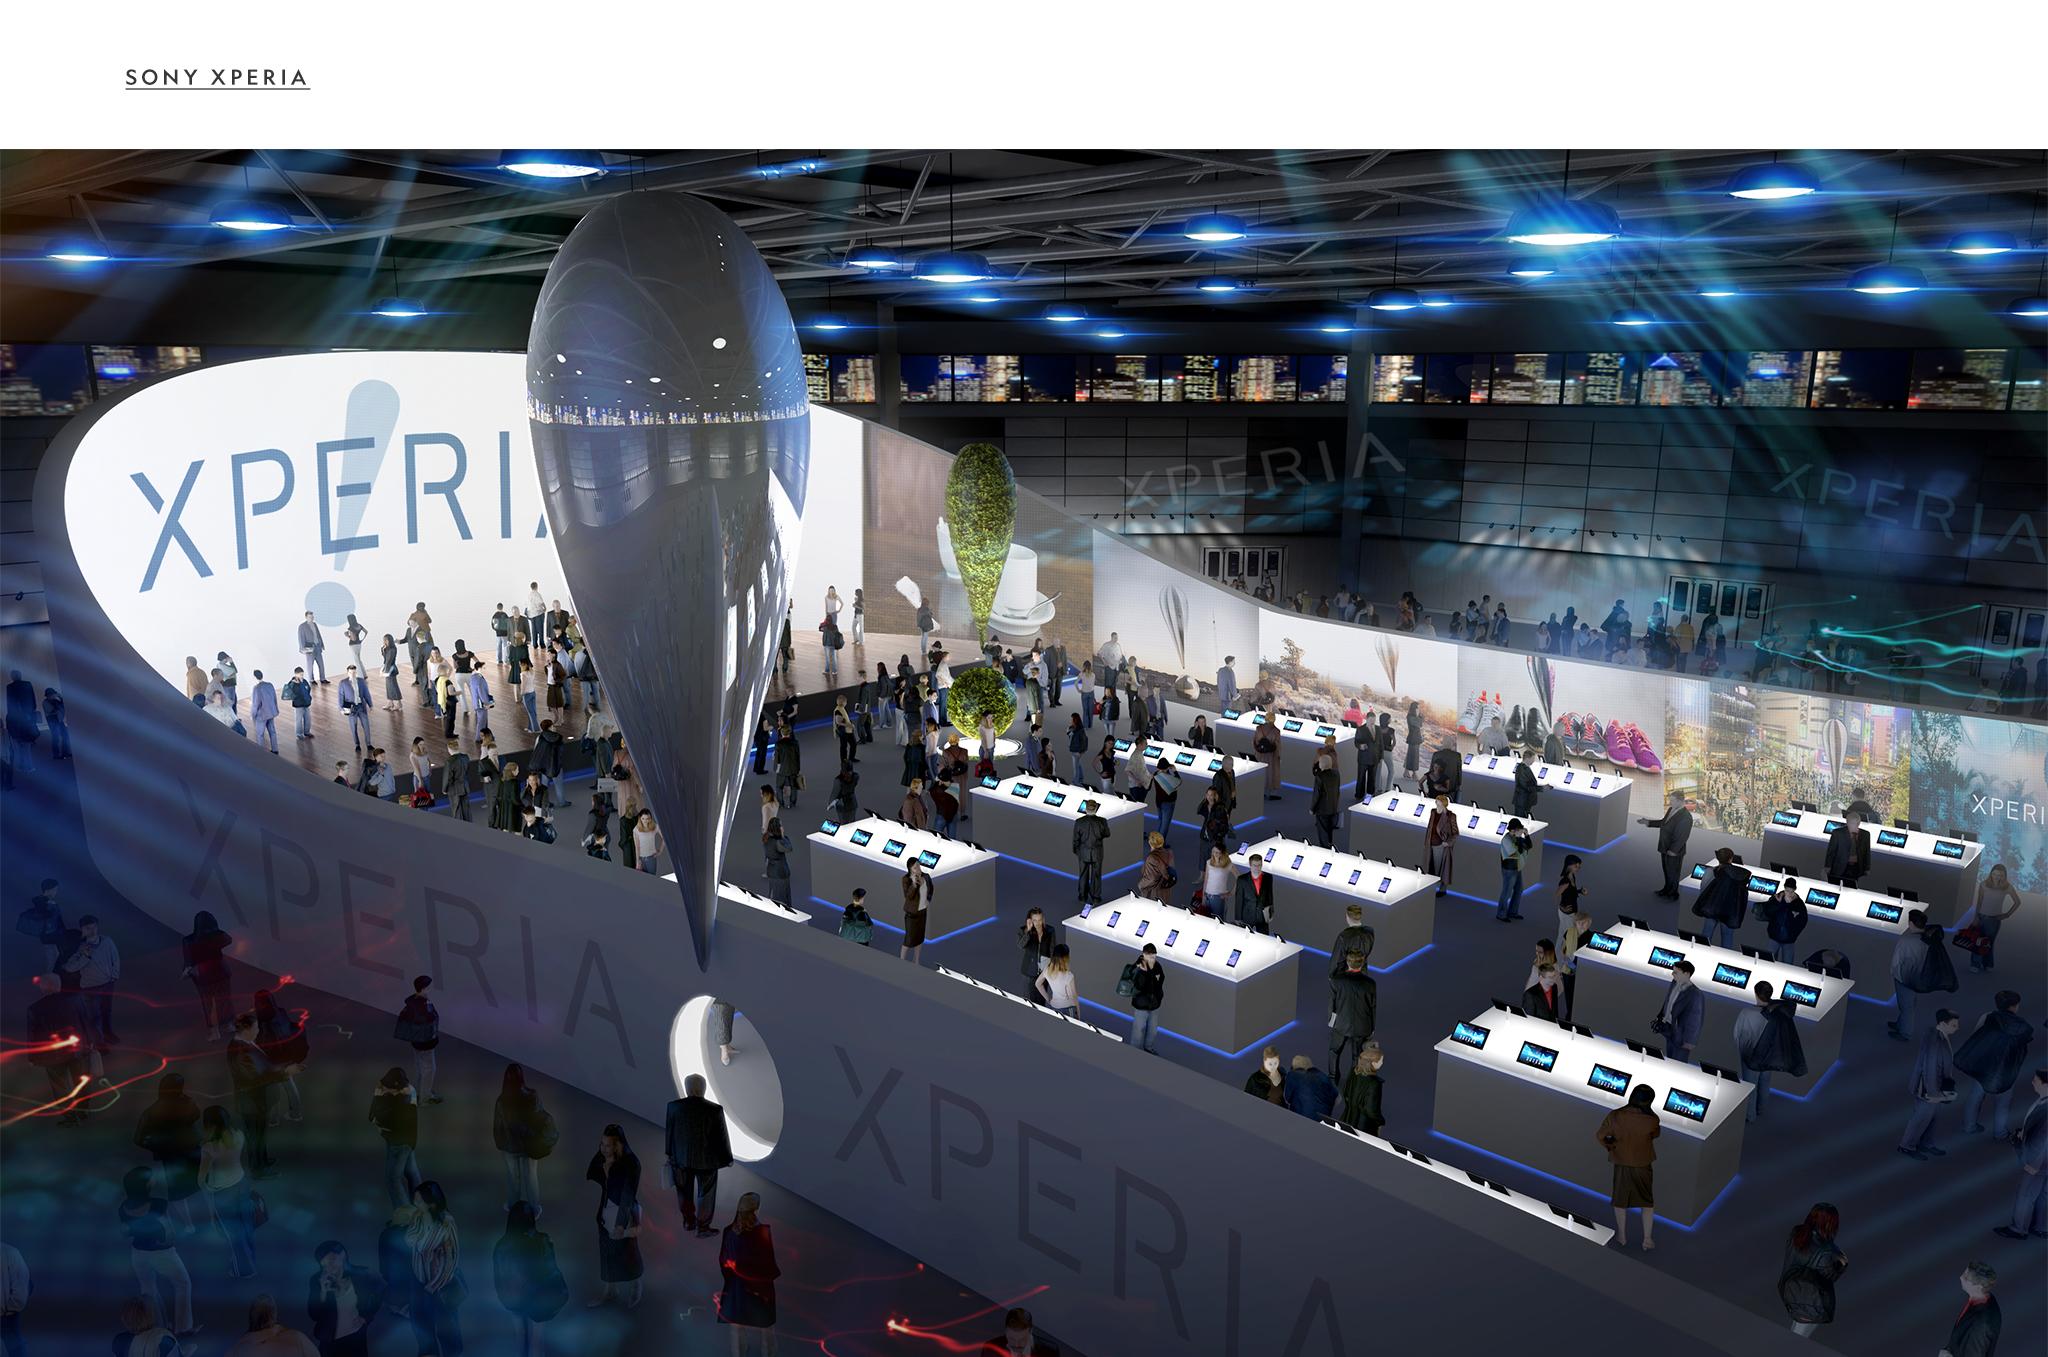 Xperia Arena 3D